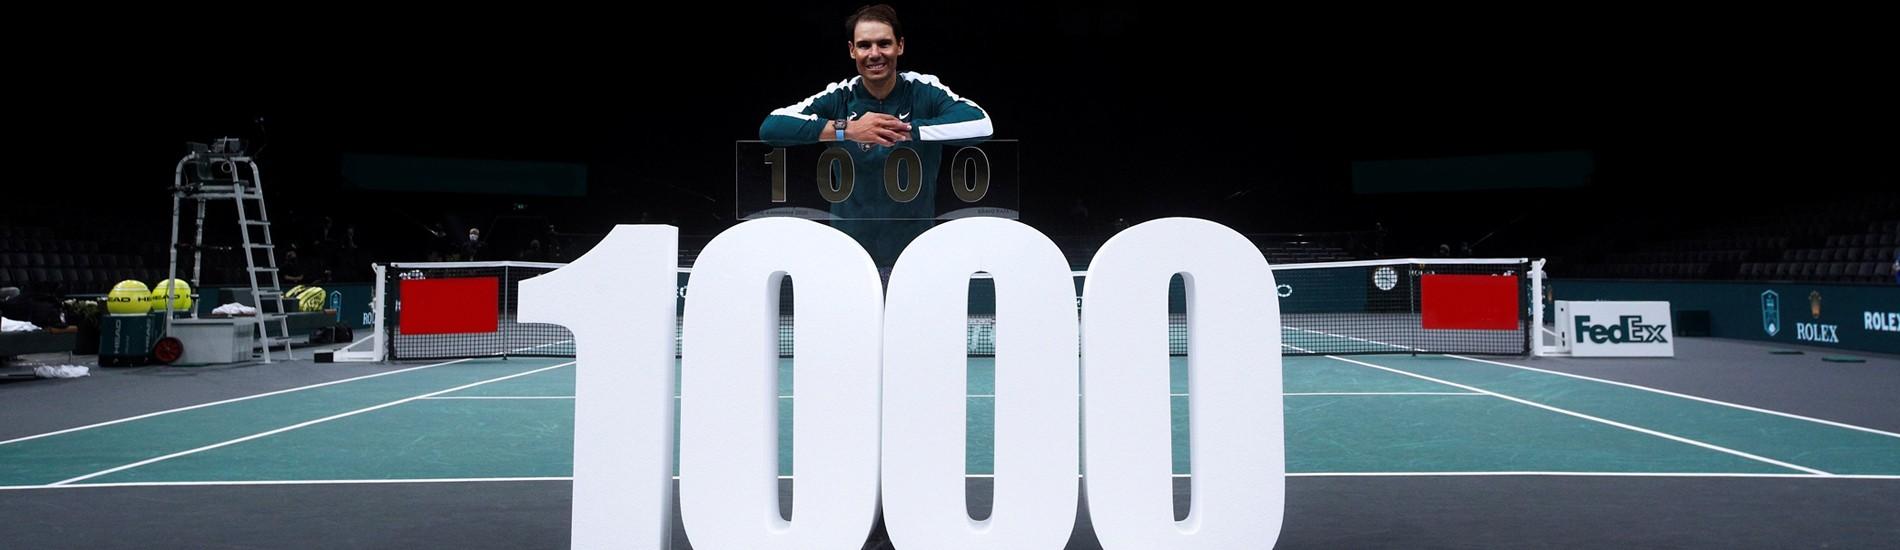 """lettres polystyrène blanc brut """"1000"""" H 110 cm police IMPACT épaisseur 30 cm , 1000 -ème match de Rafael Nadal."""